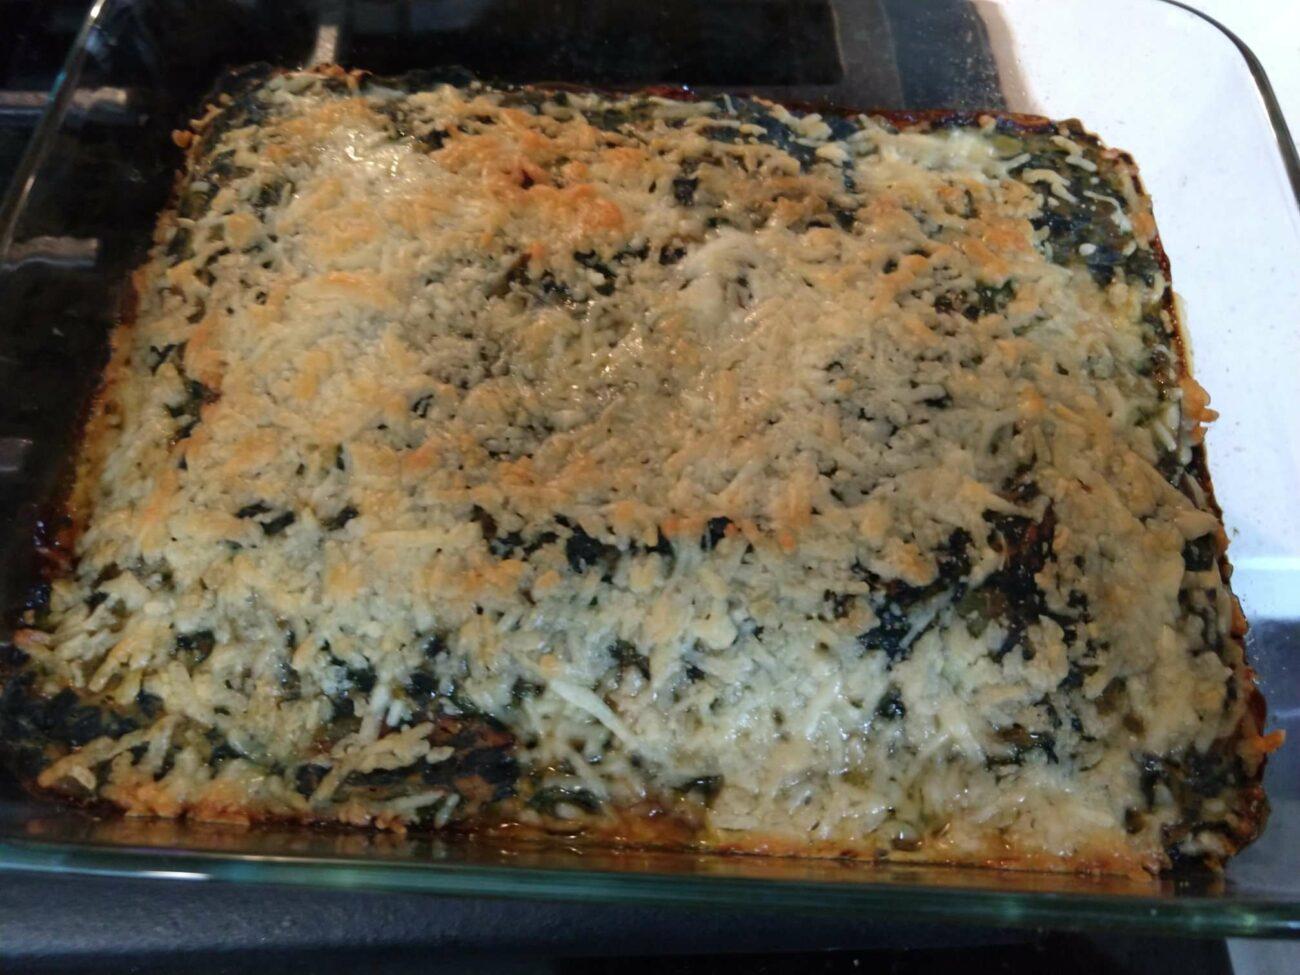 Italian Meatball & Spinach Bake